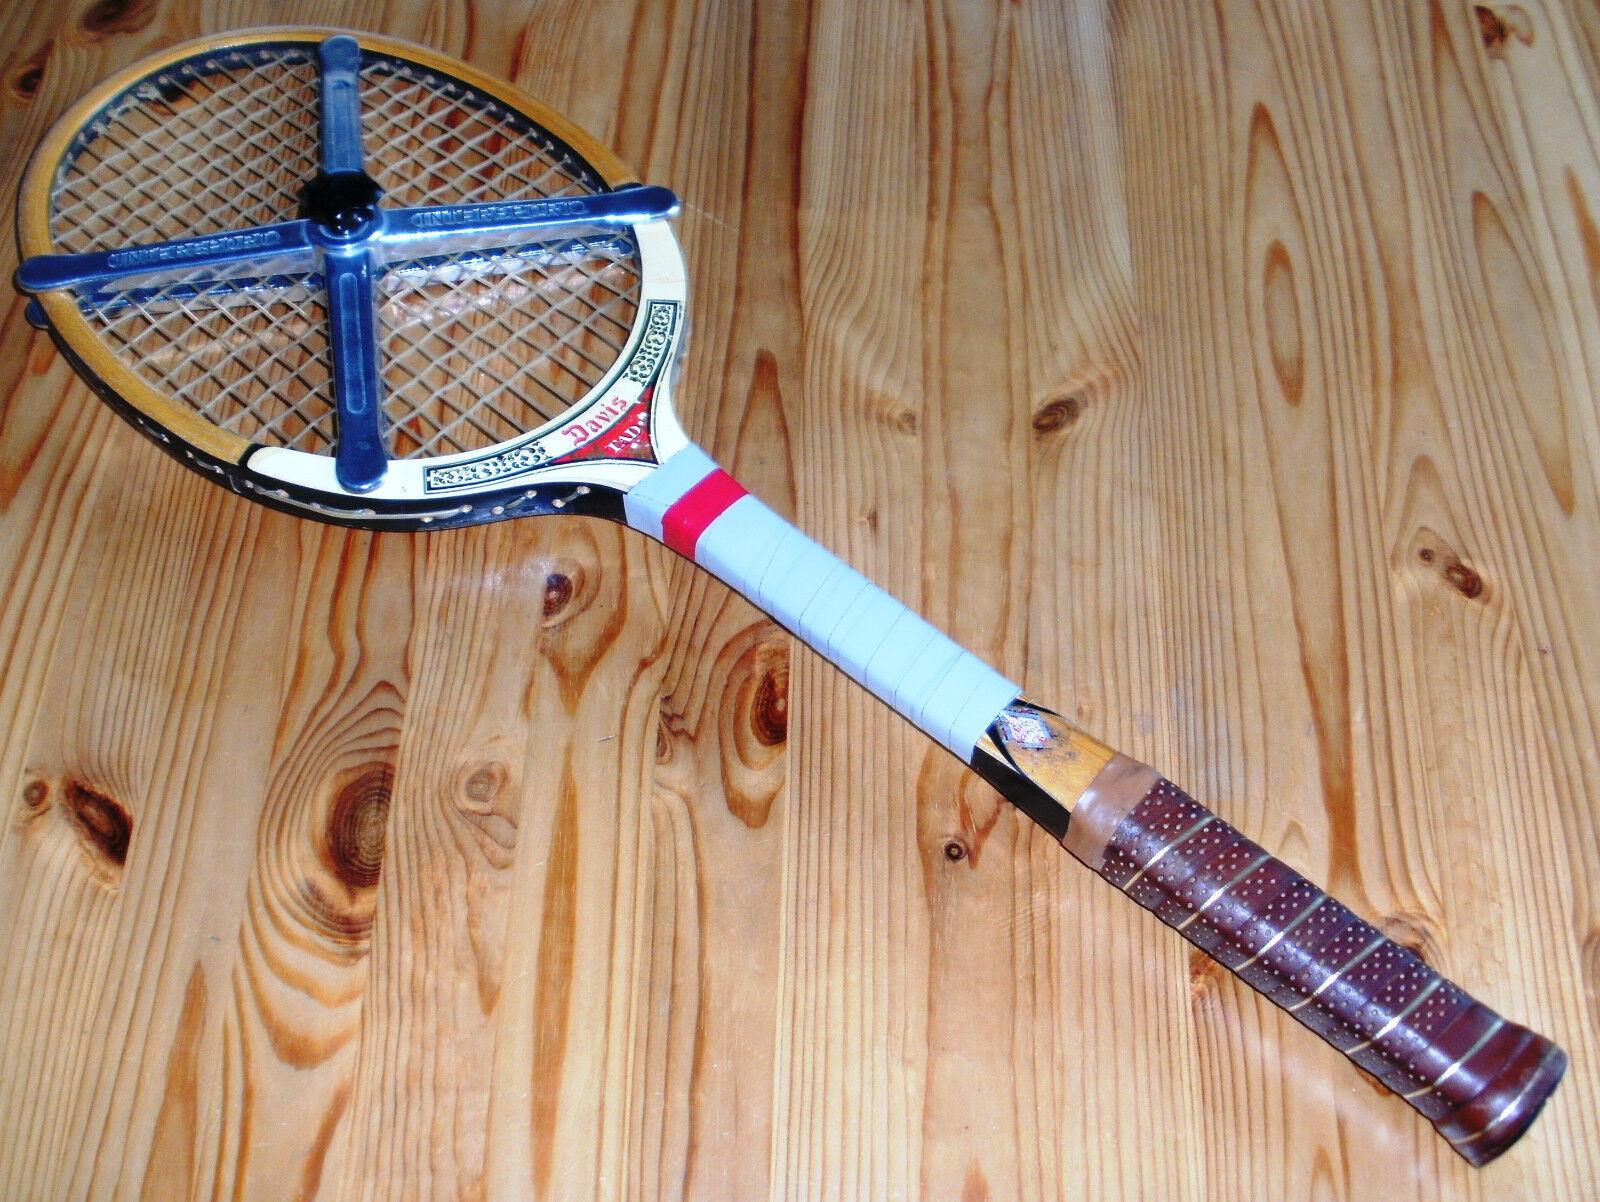 TAD Tennisschläger Tennisschläger Tennisschläger Davis Holzrahmen mit Schlägerspanner Vintage, Gr. 4 5 8    | Qualifizierte Herstellung  | Verrückter Preis, Birmingham  | Verrückter Preis, Birmingham  a44306